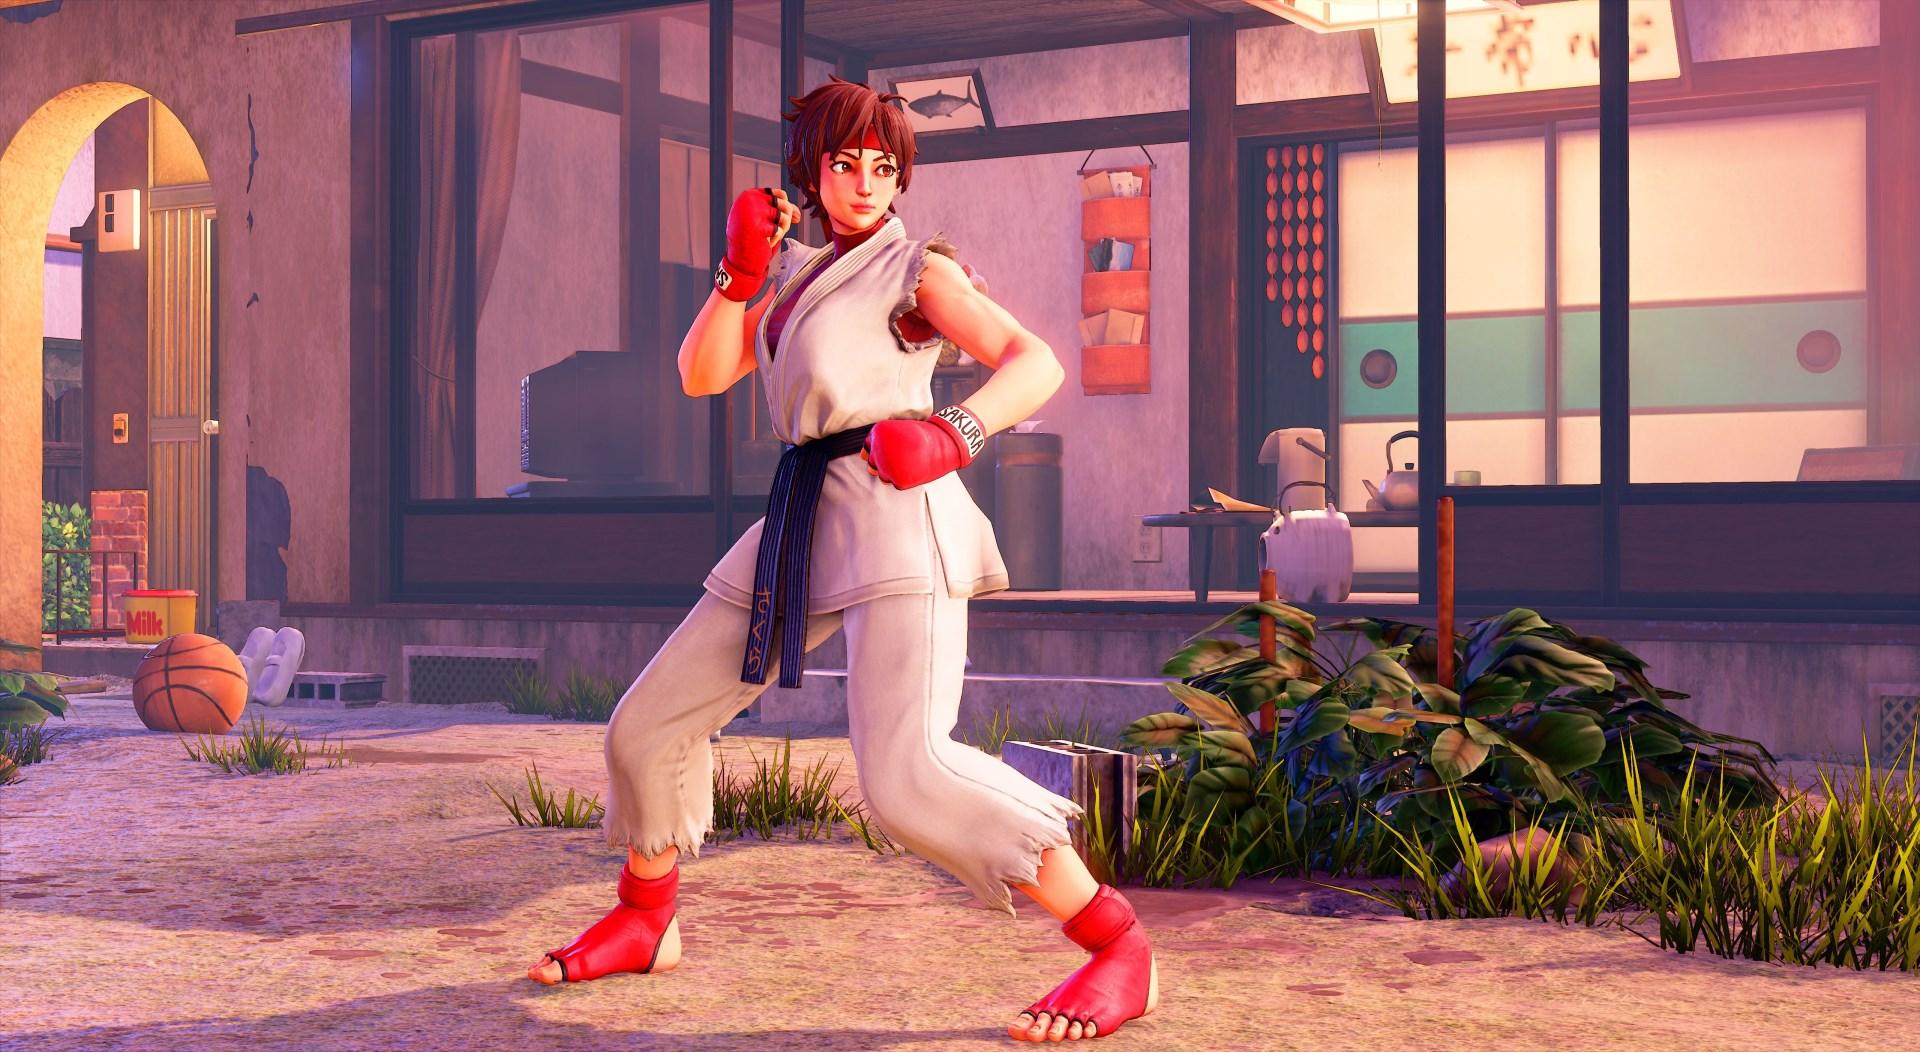 Street Fighter 5 - Sakura - Street Fighter 5 Скриншот